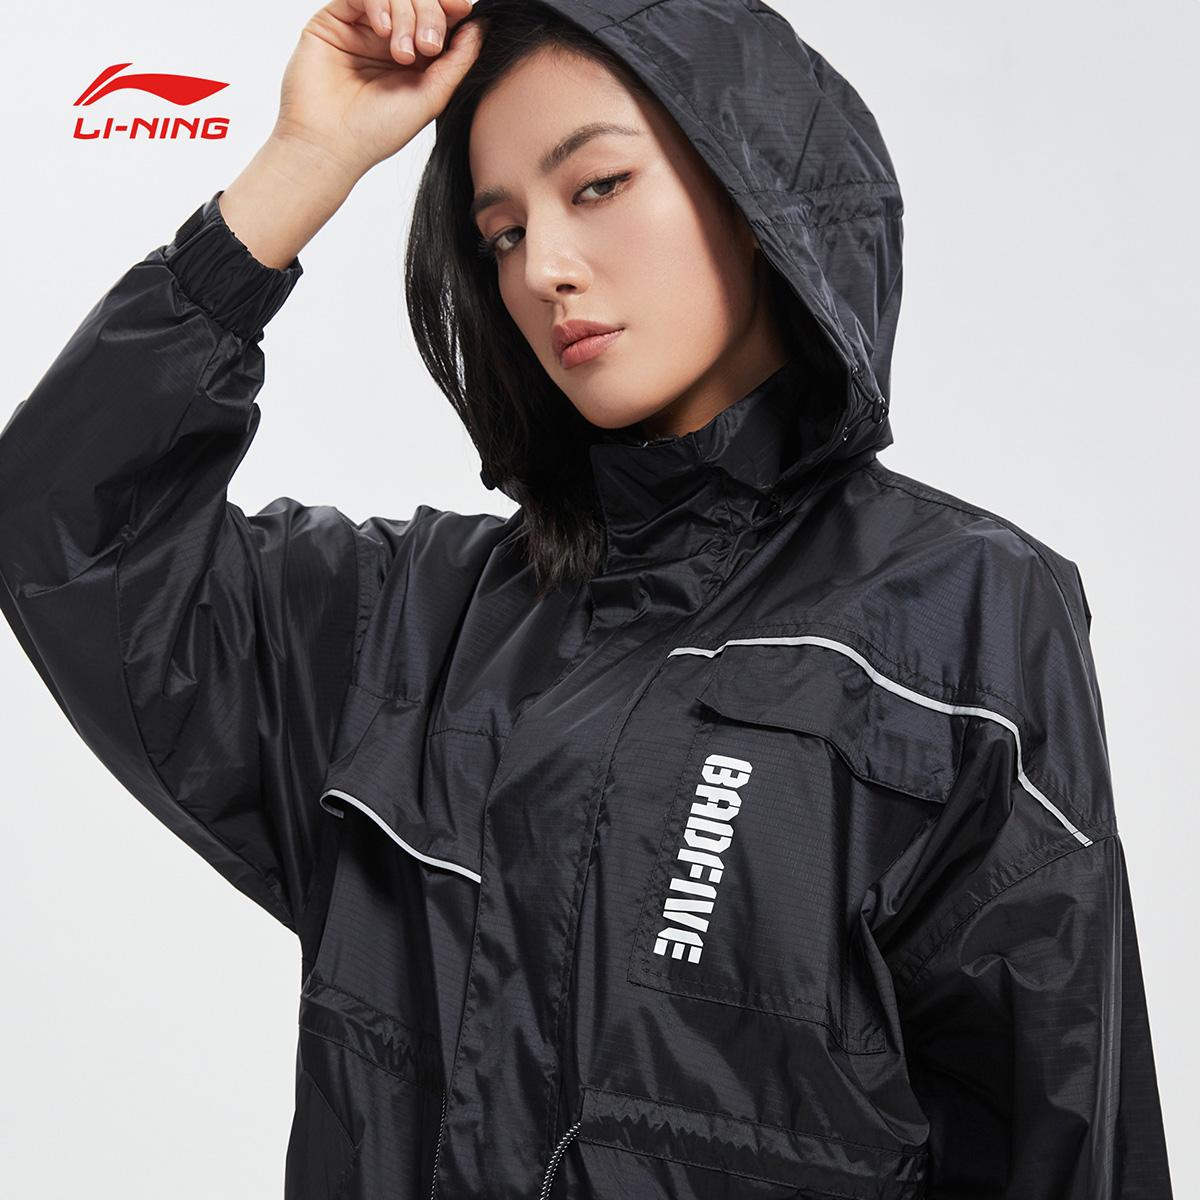 李宁风衣女士春季新款BADFIVE篮球系列开衫长袖连帽外套宽松上衣